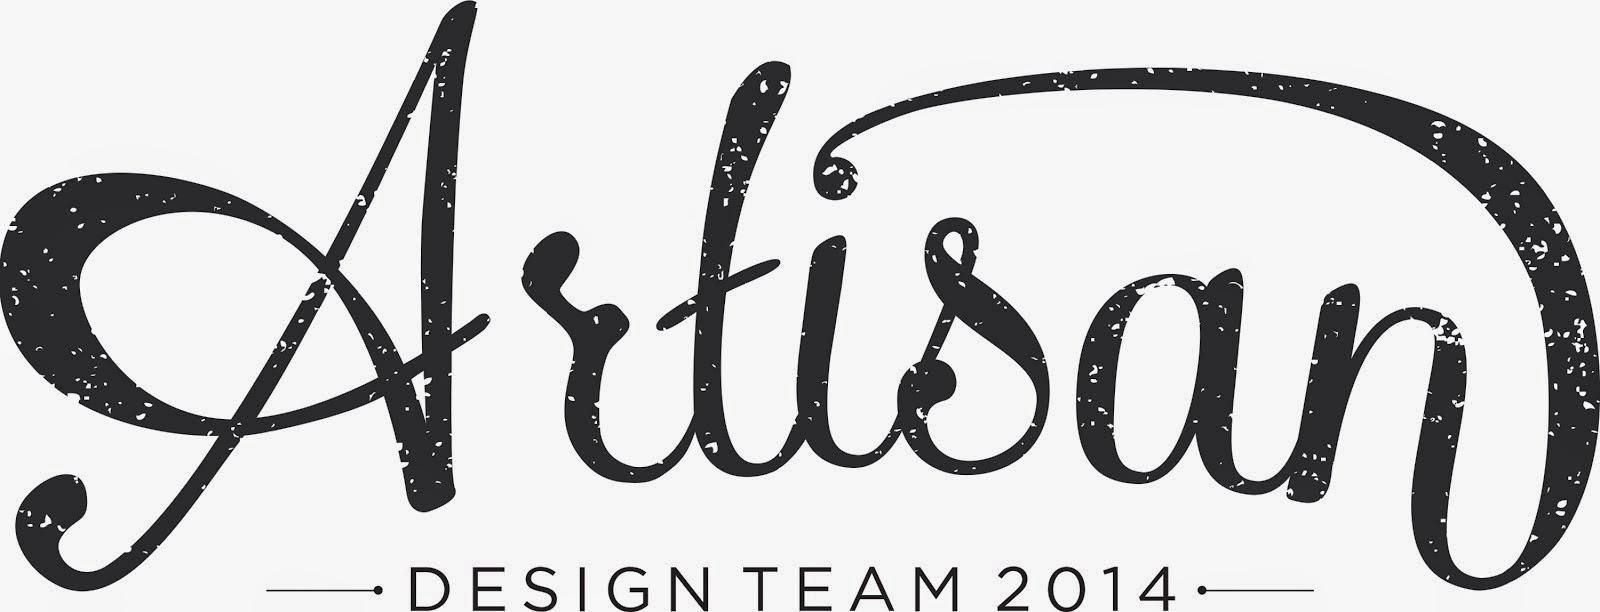 Diseñadora 2014-2015